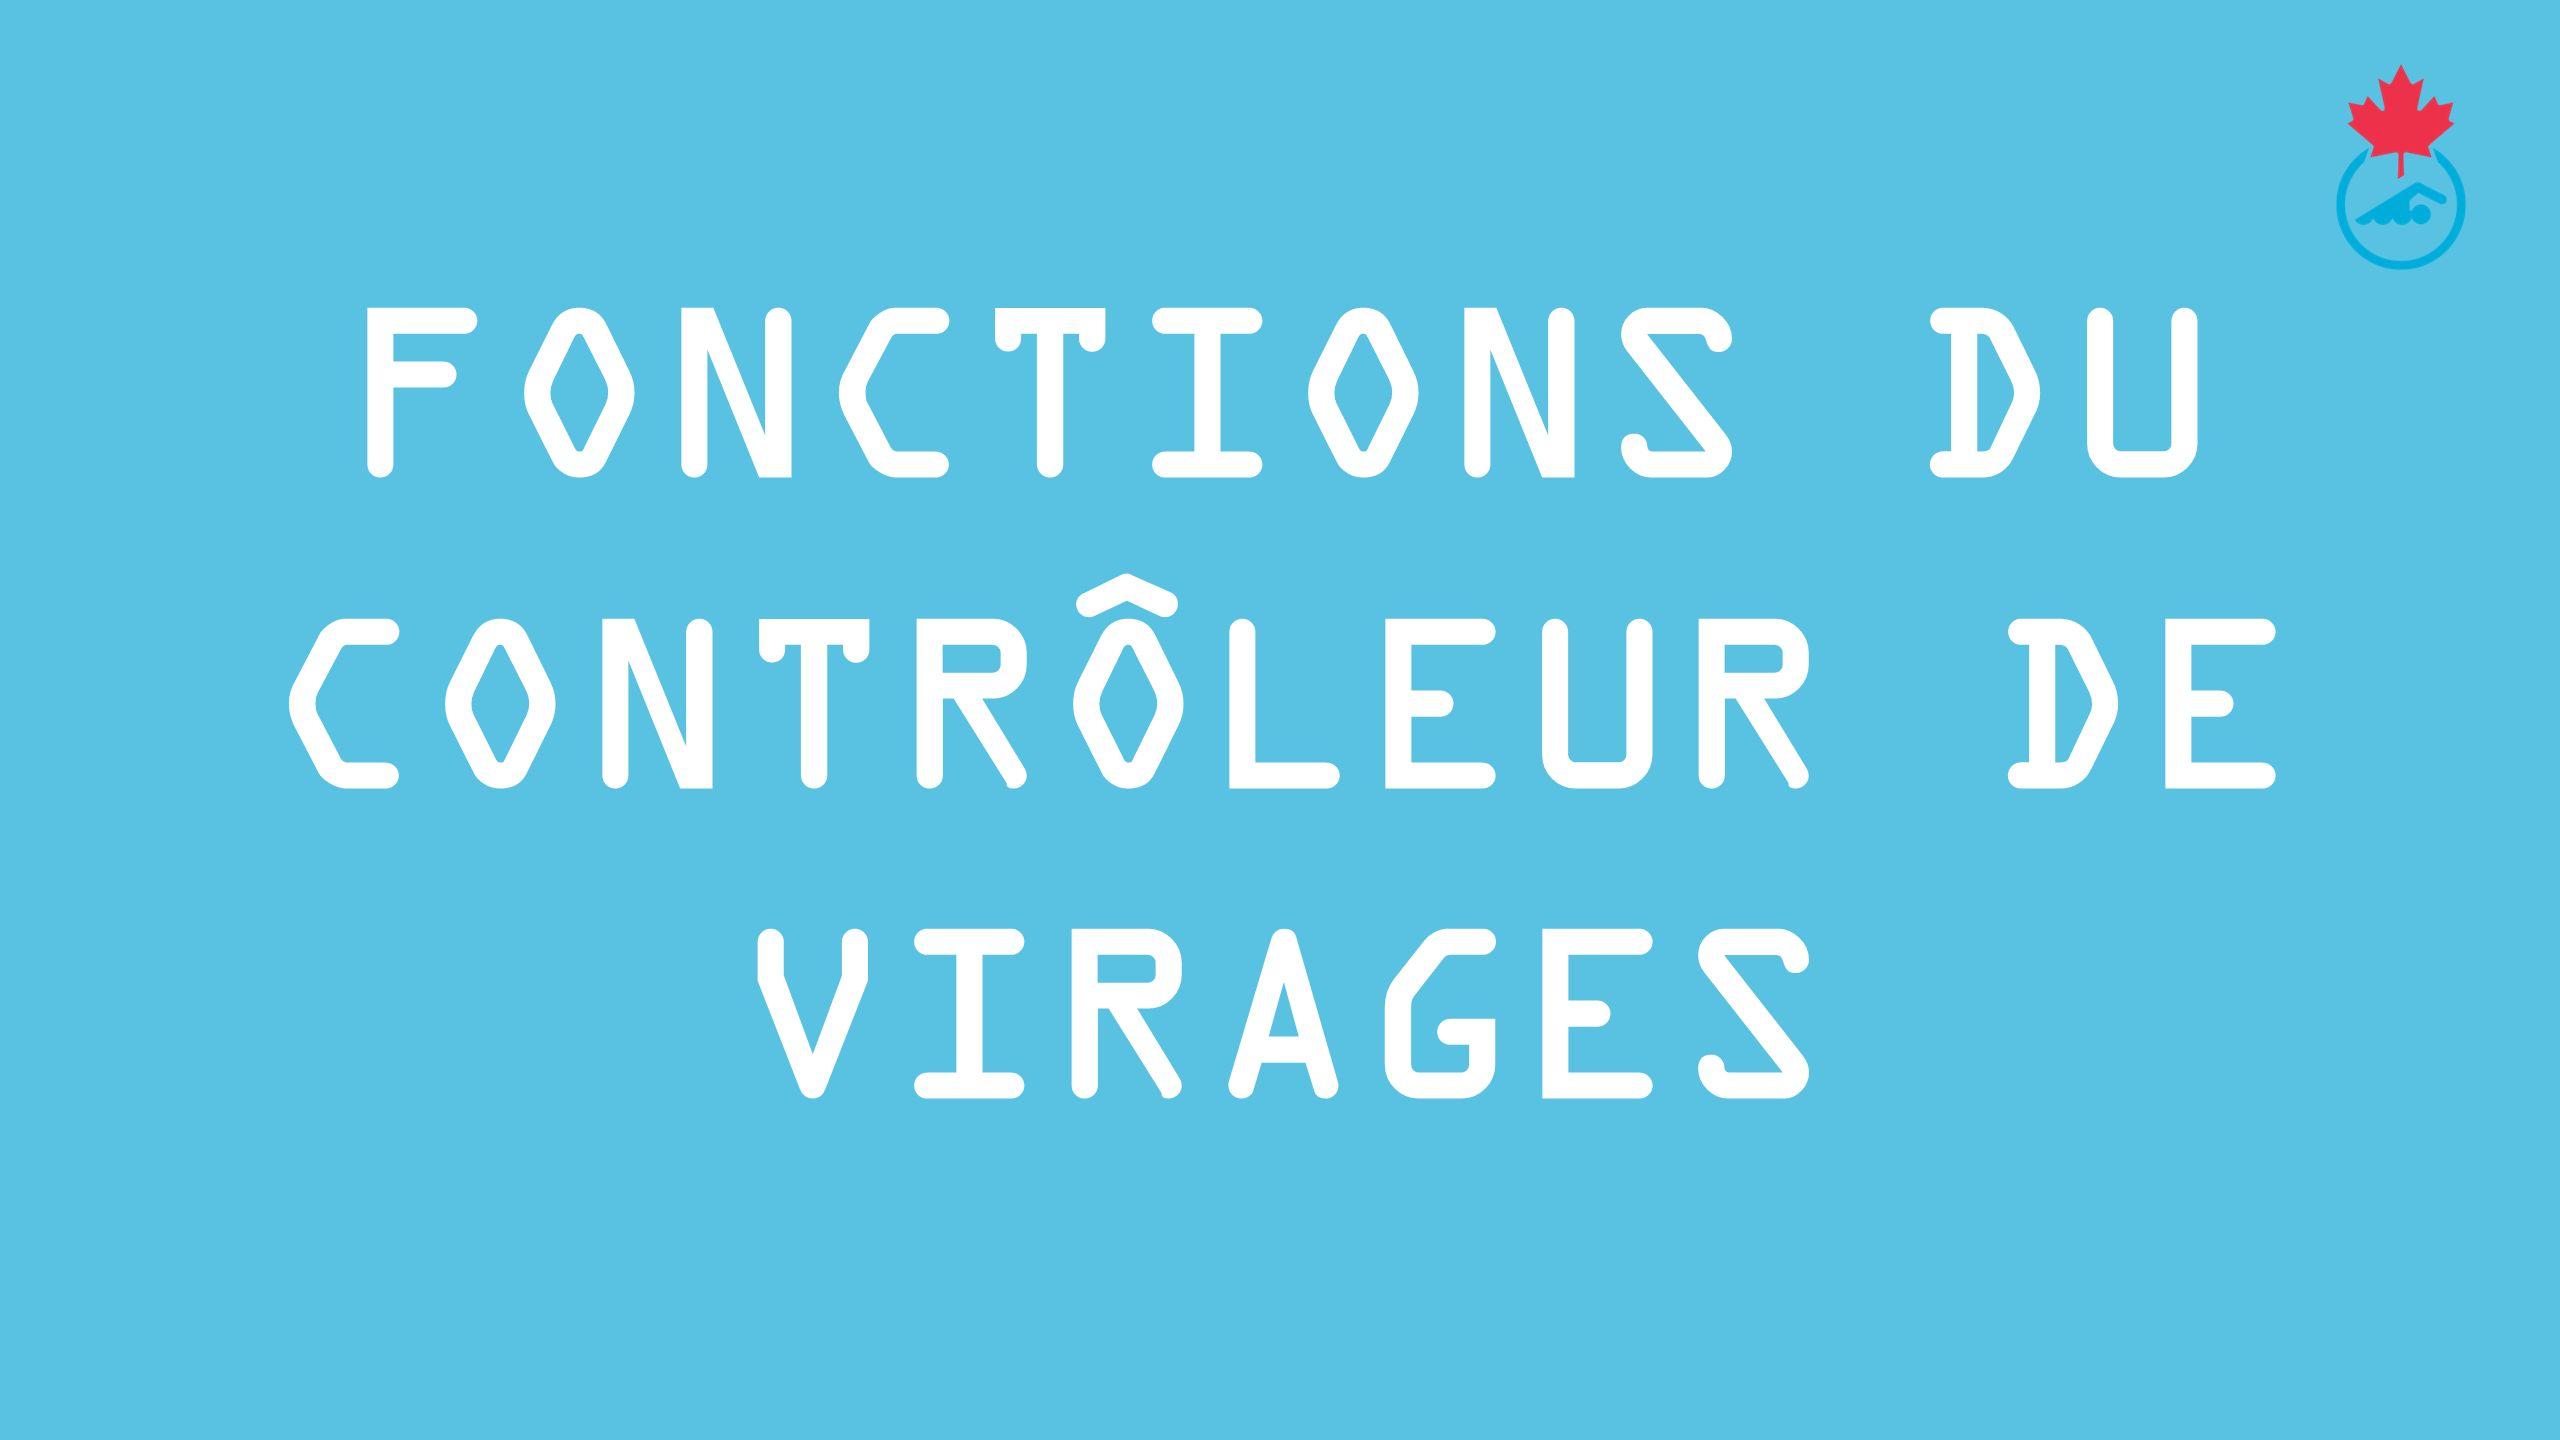 DOS: Mécanisme de virage (suite) Observation: Le contrôleur de virages doit se pencher au-dessus du couloir en regardant vers le bas et le nageur pour observer le virage.